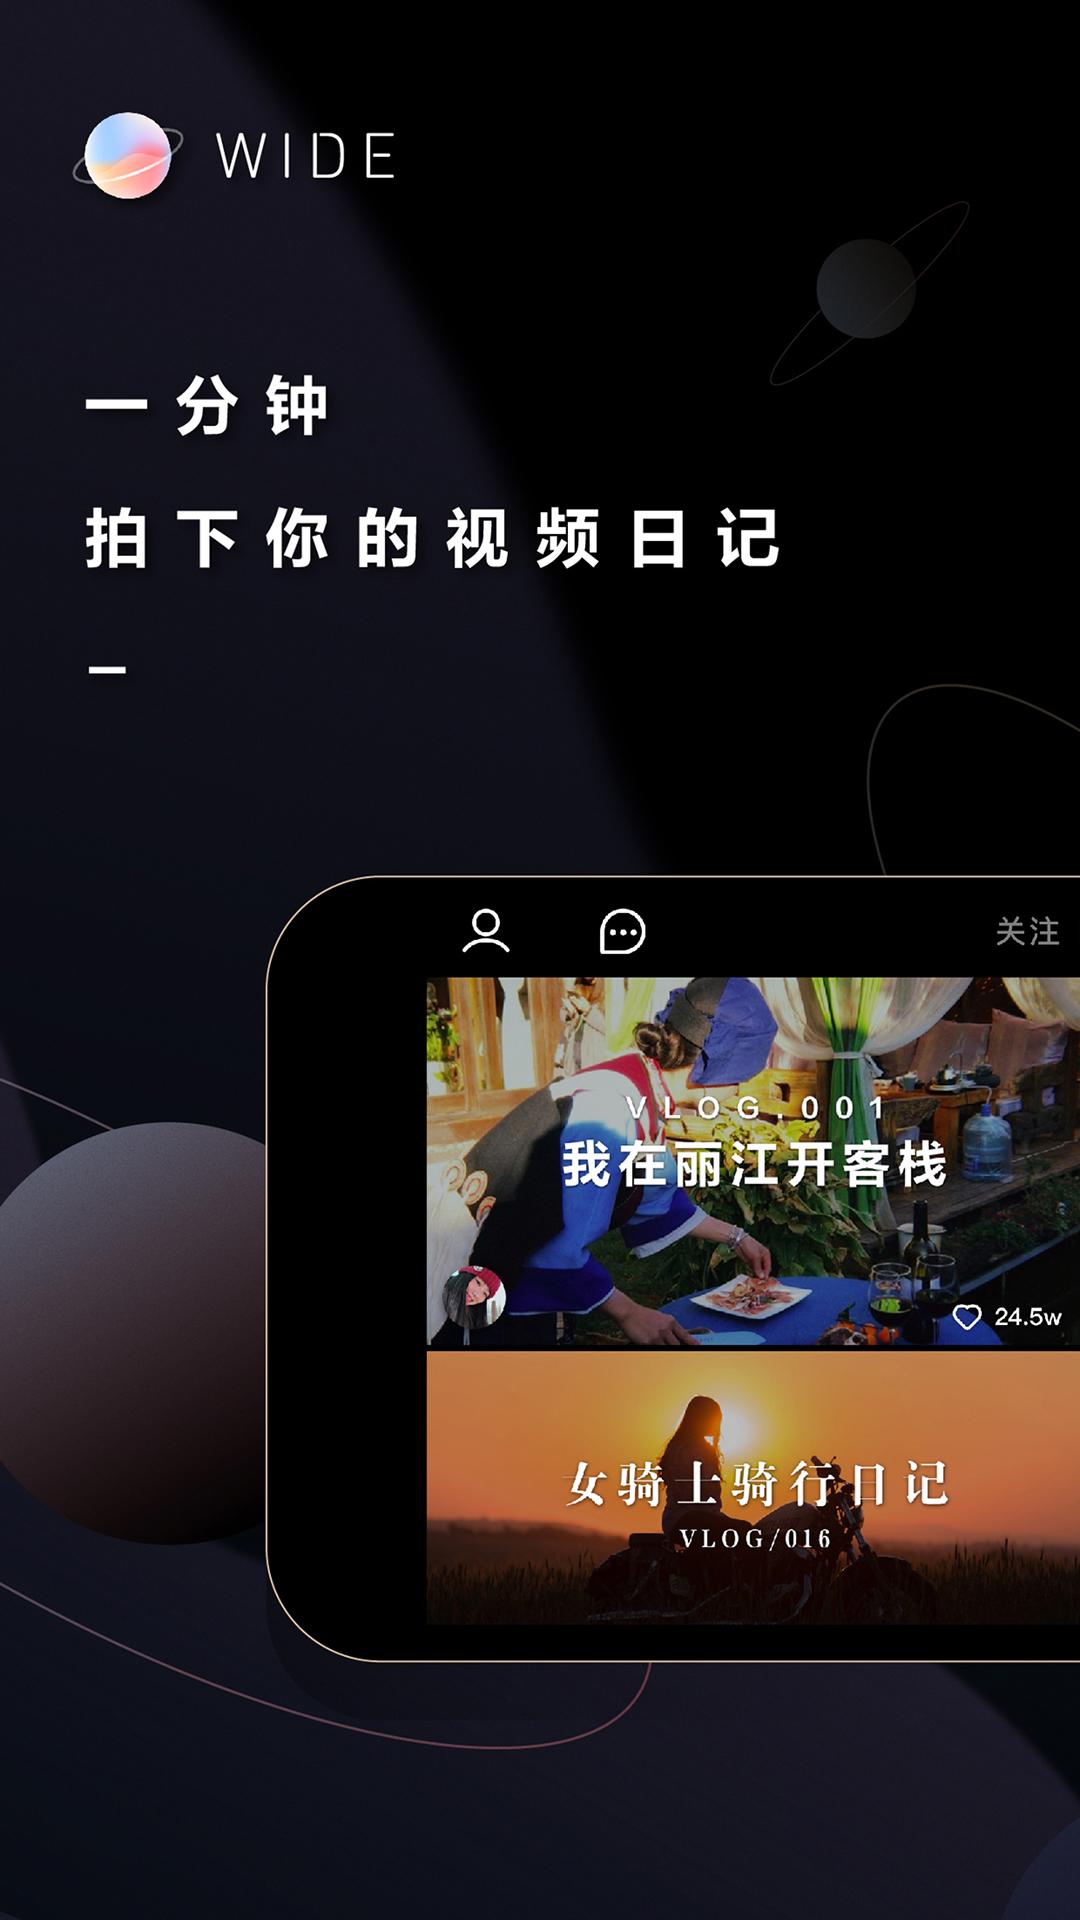 美图WIDE短视频官方版app下载图1: